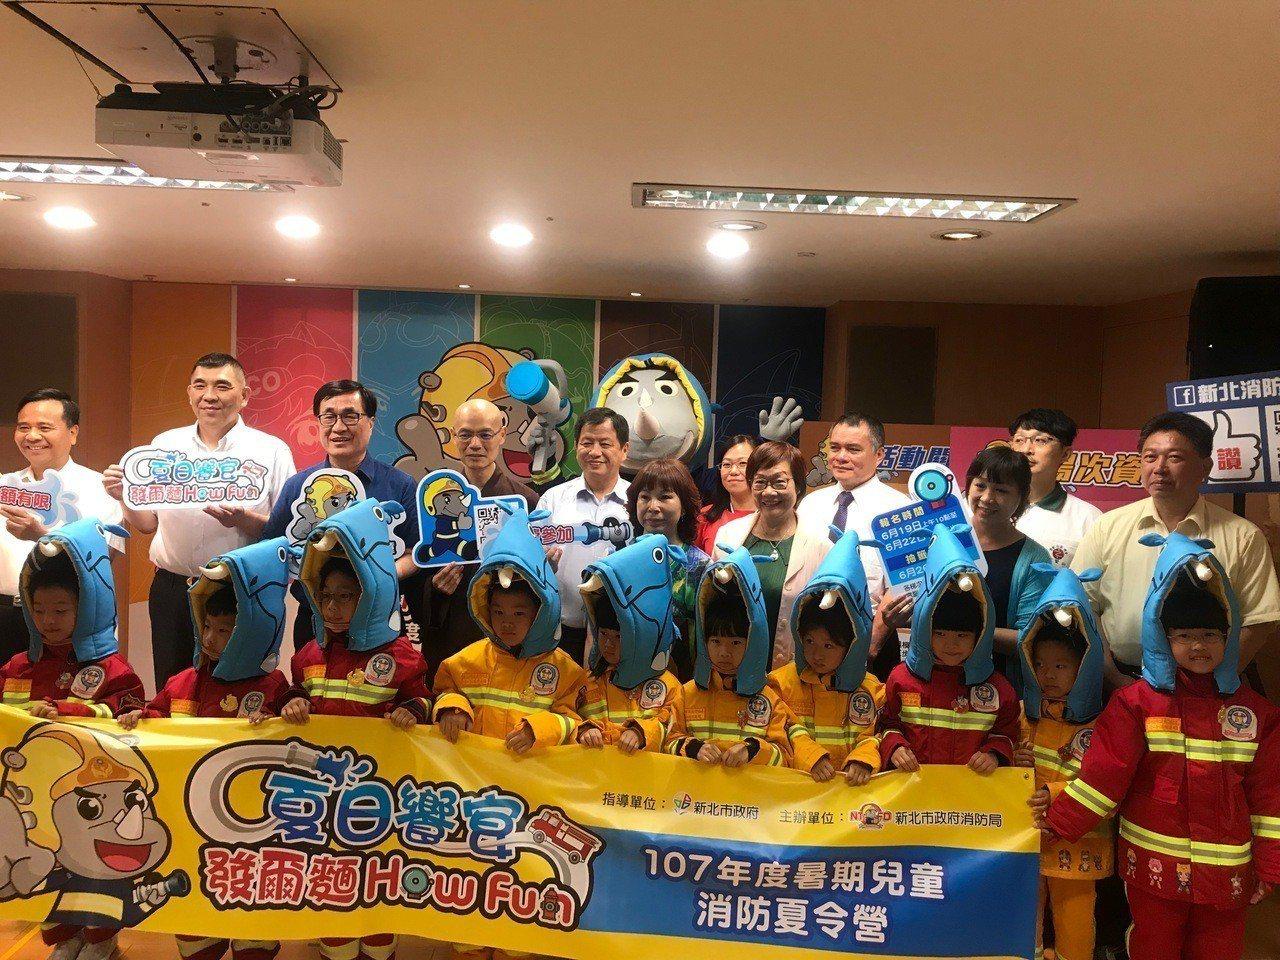 新北市消防局將在暑假期間免費開放一系列兒童消防夏令營活動。記者袁志豪/攝影